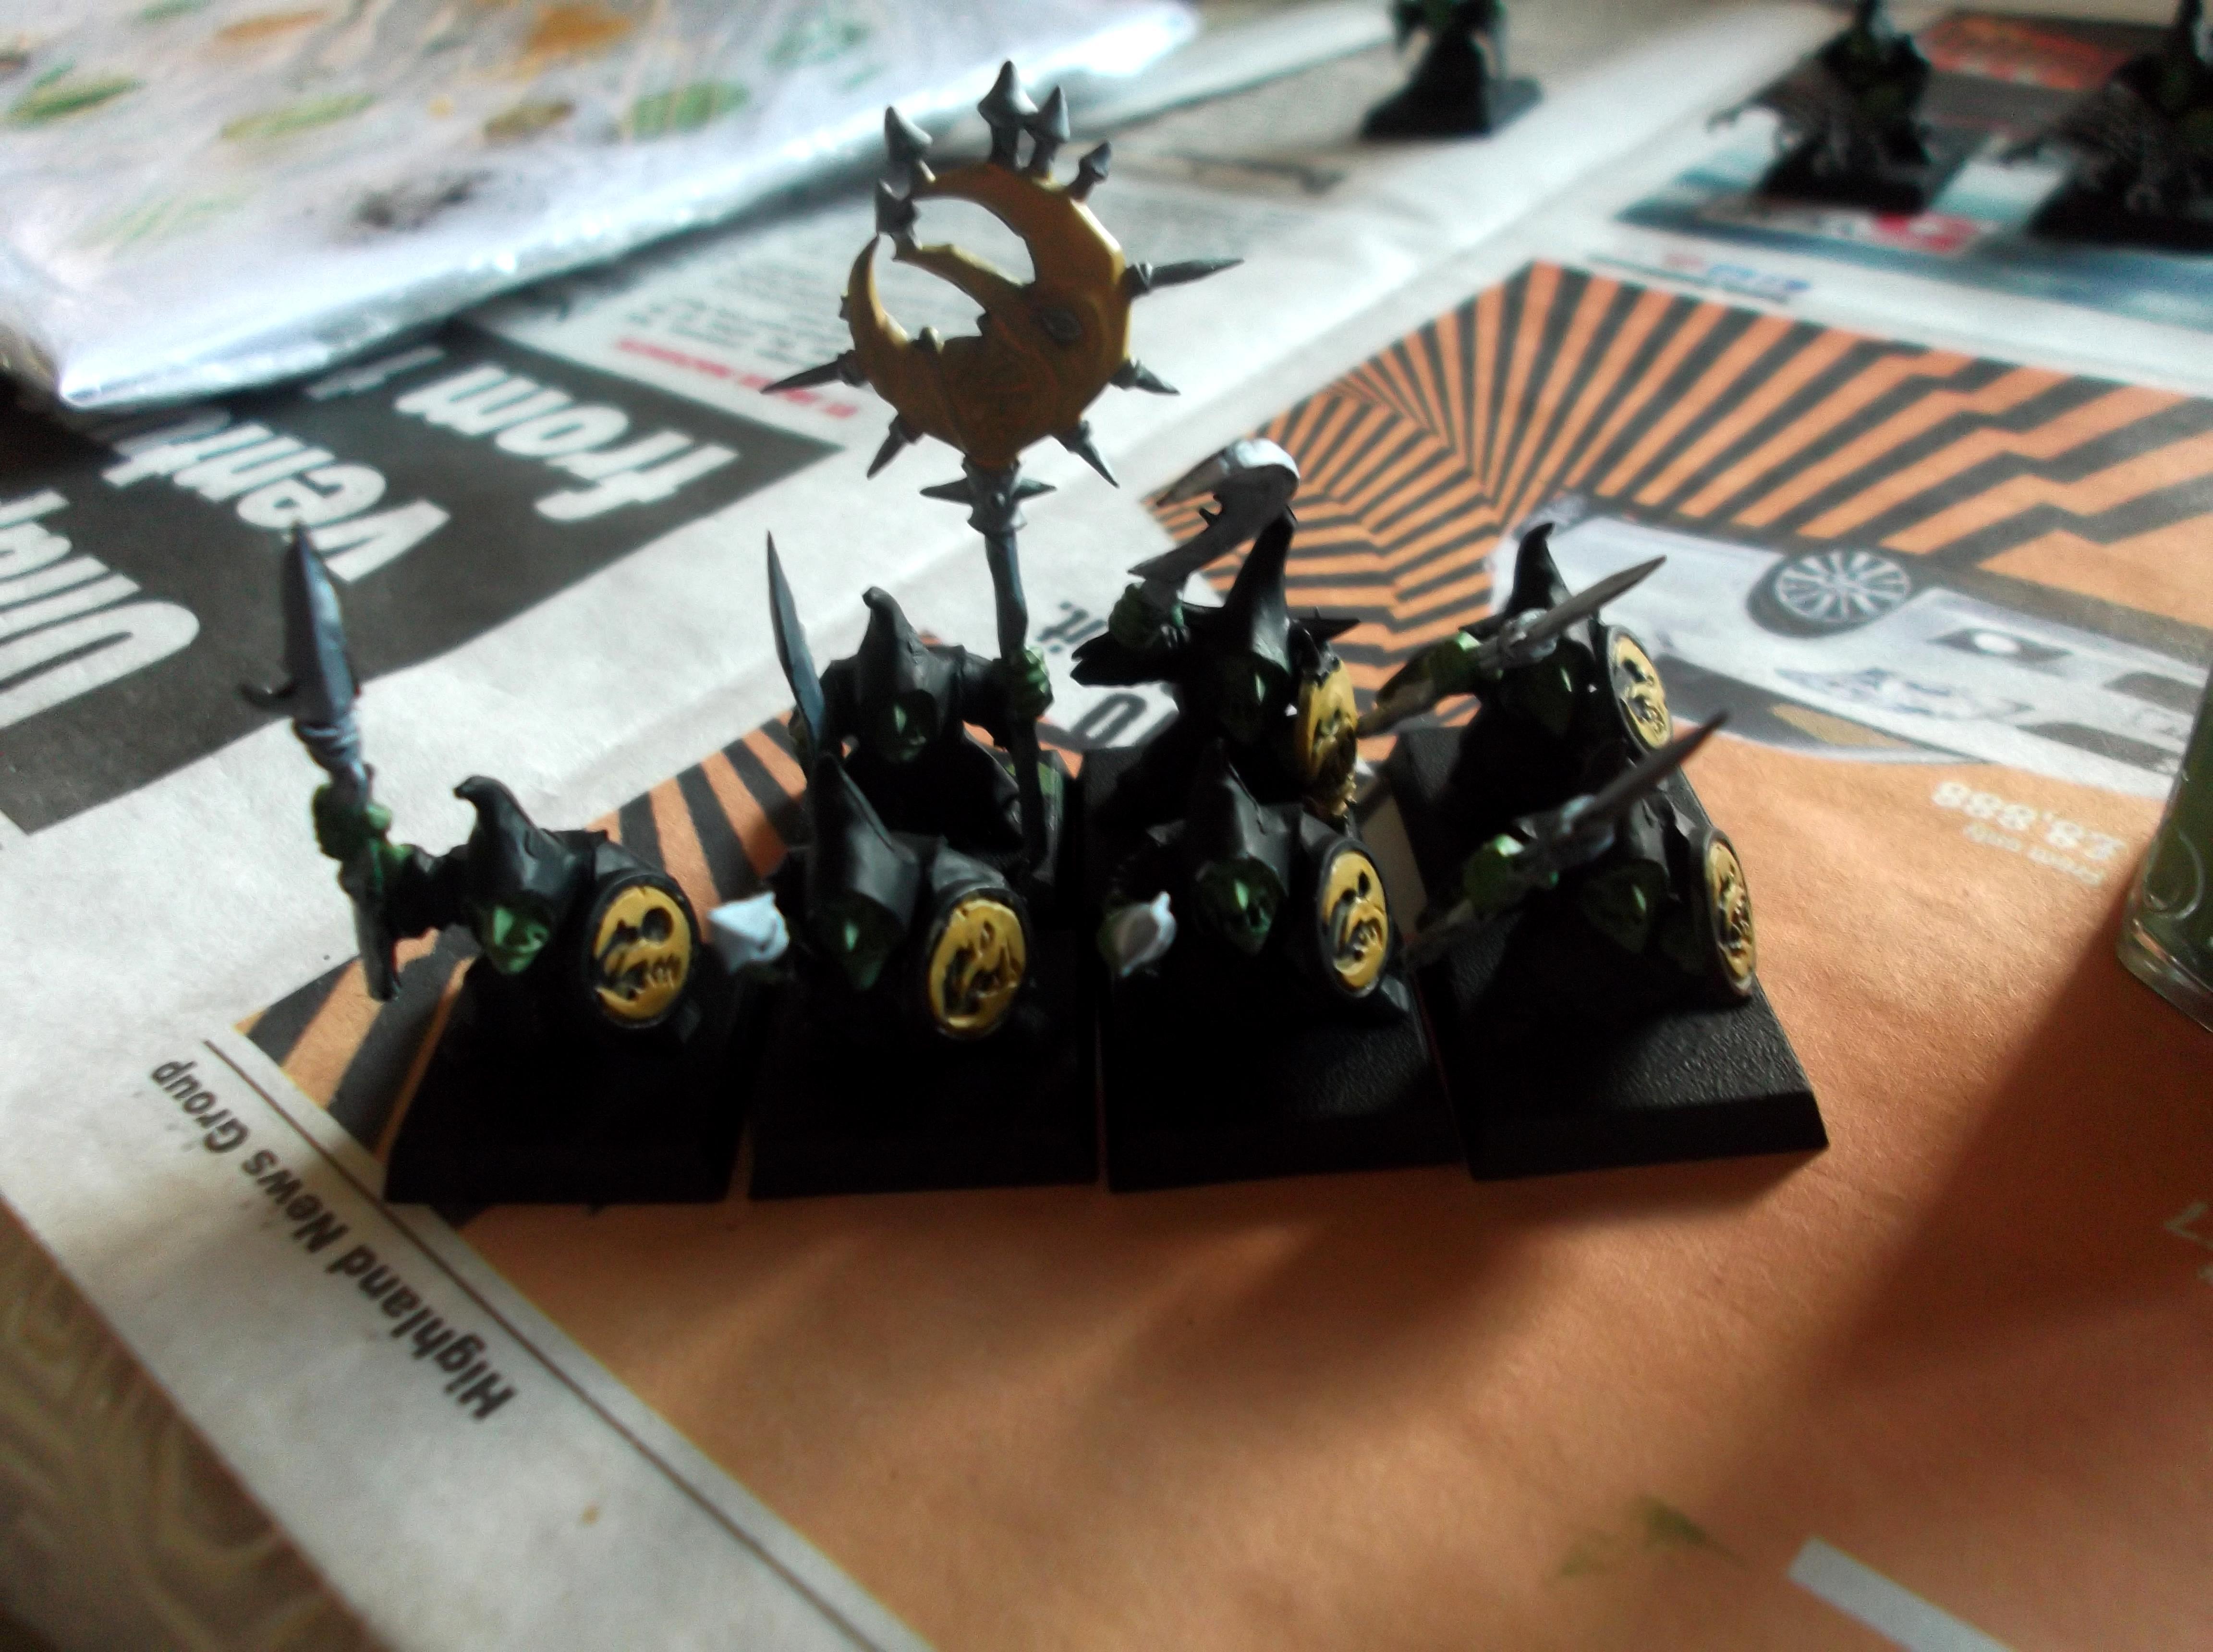 Night Goblins, Night goblins